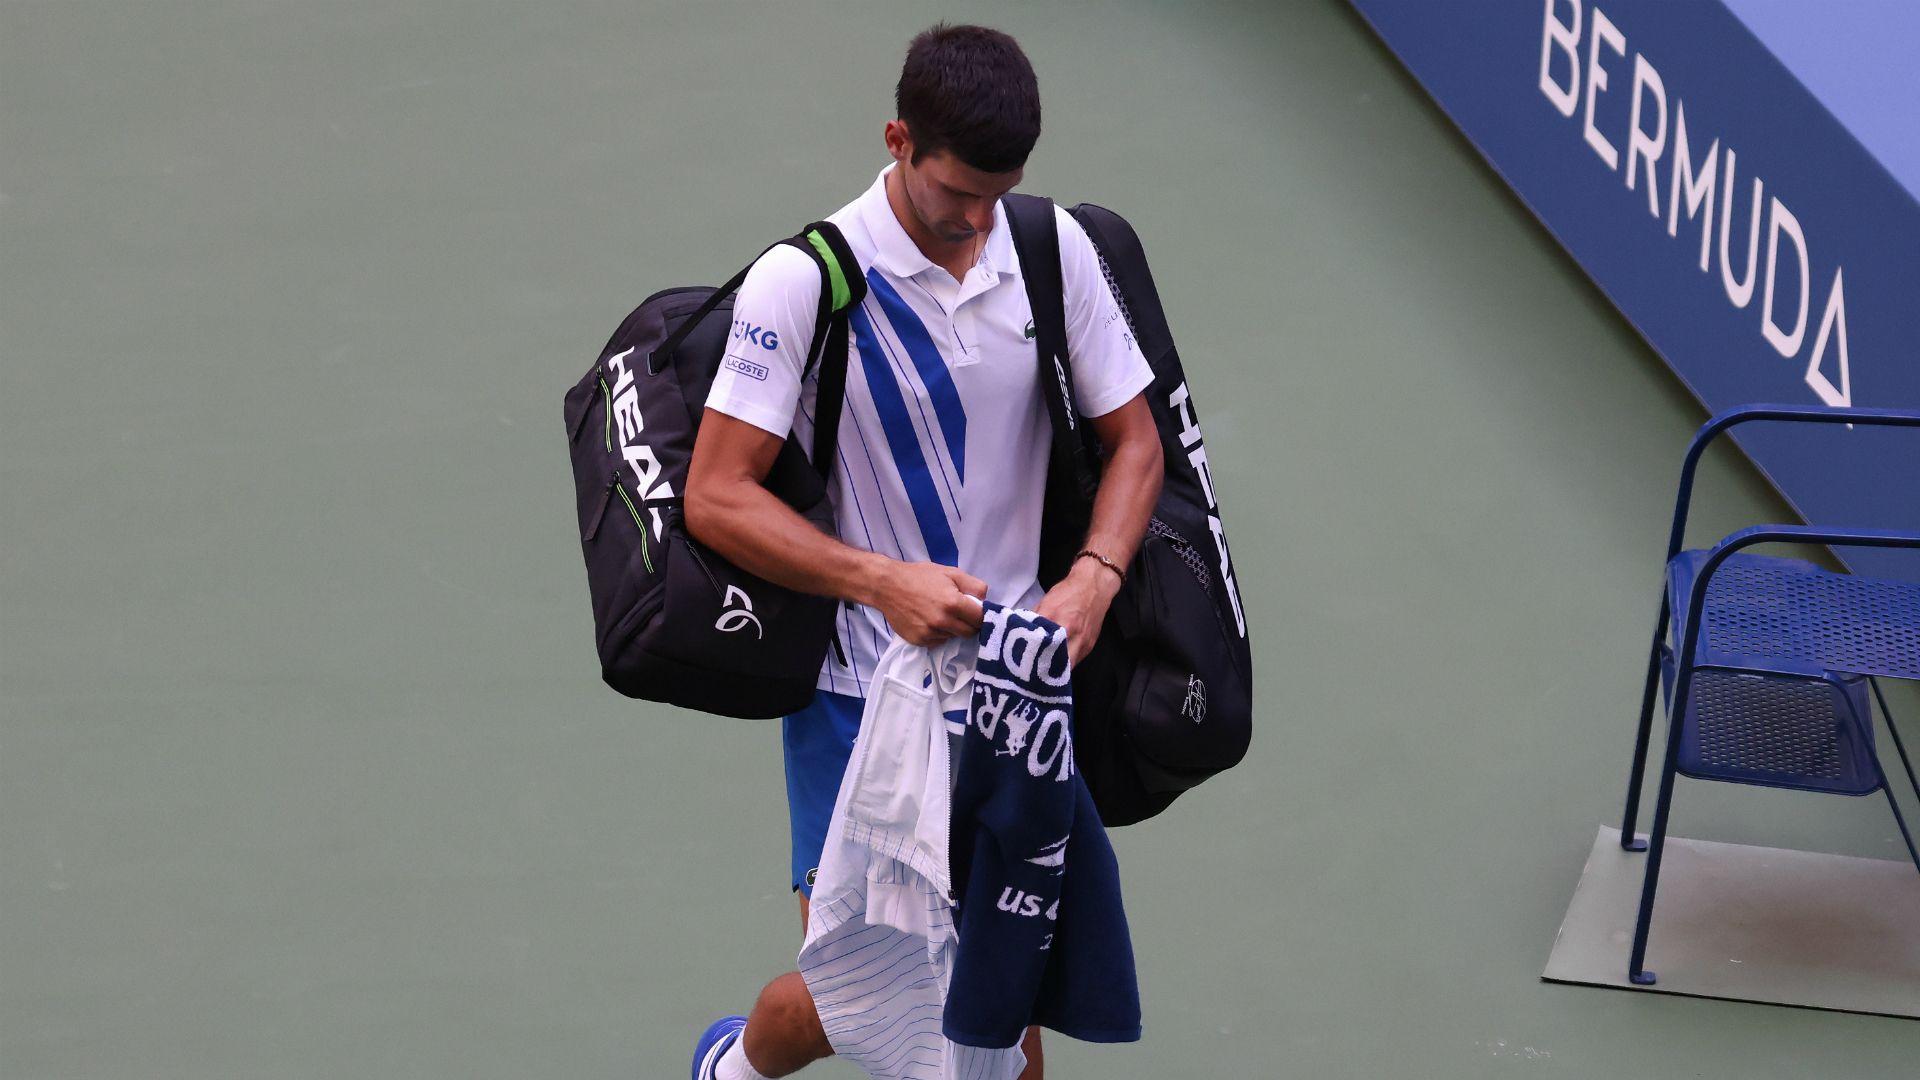 Djokovic Descalificado Del Usopen De Tenis Impulso